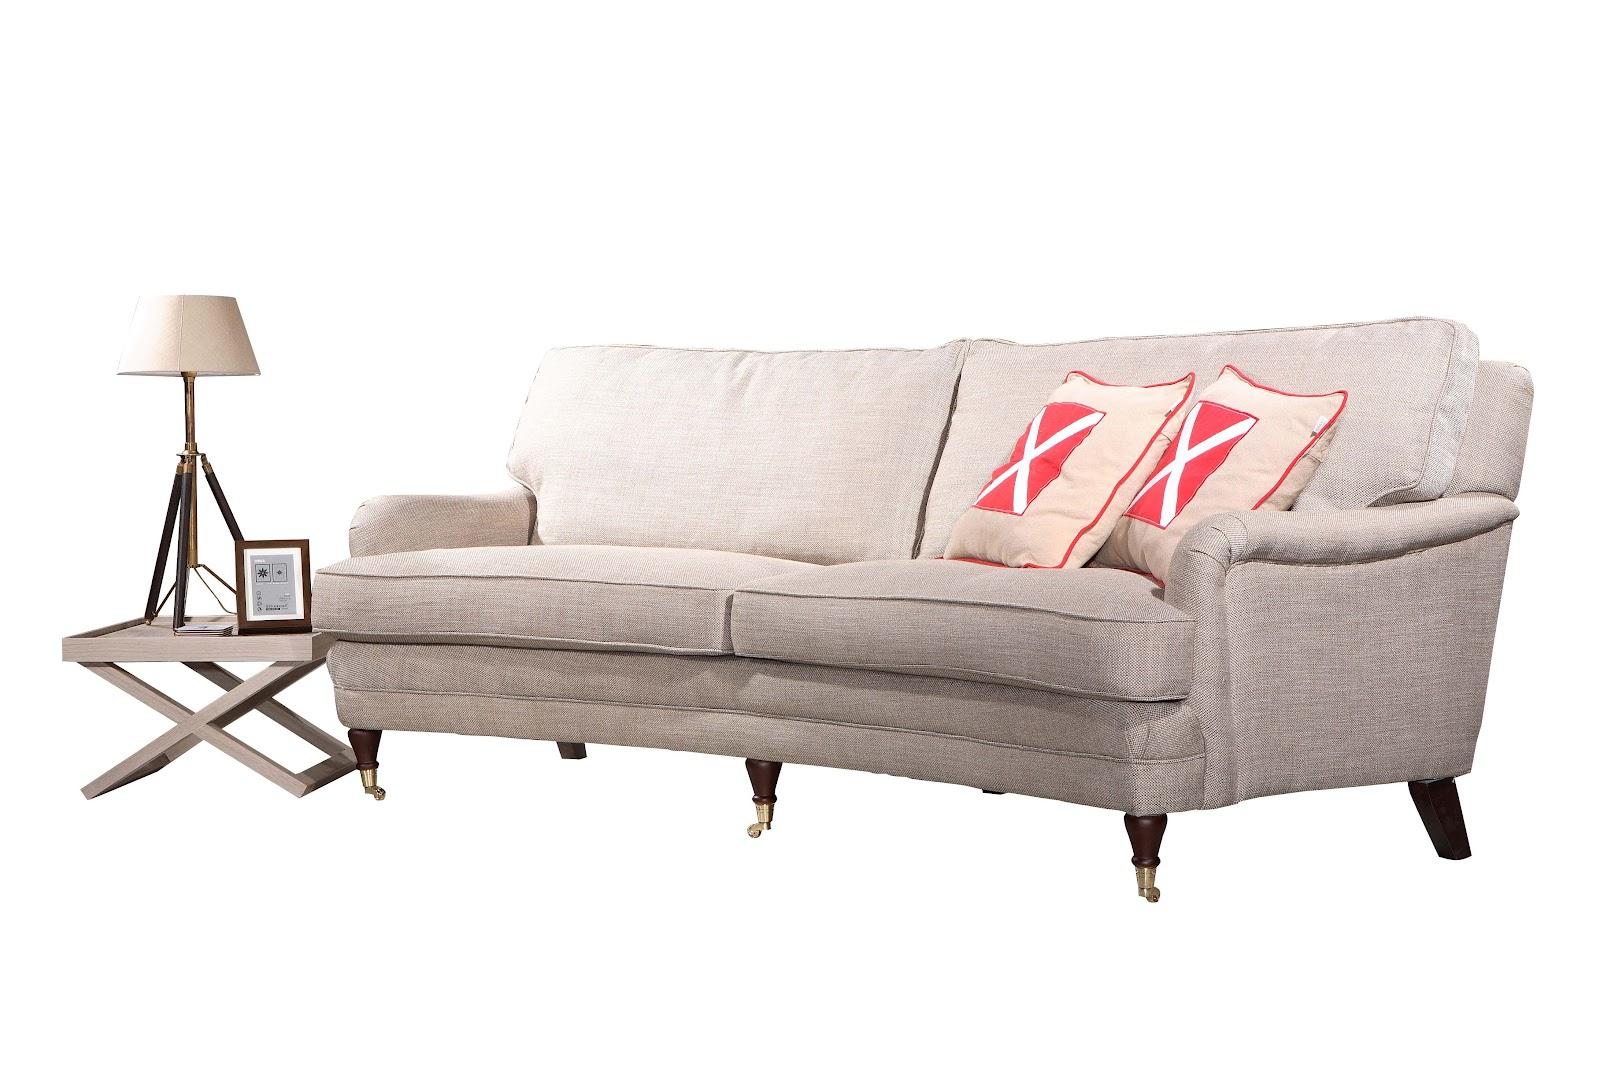 Populära säljare är konstnärer: Ska jag köpa en howard soffa? DW-77